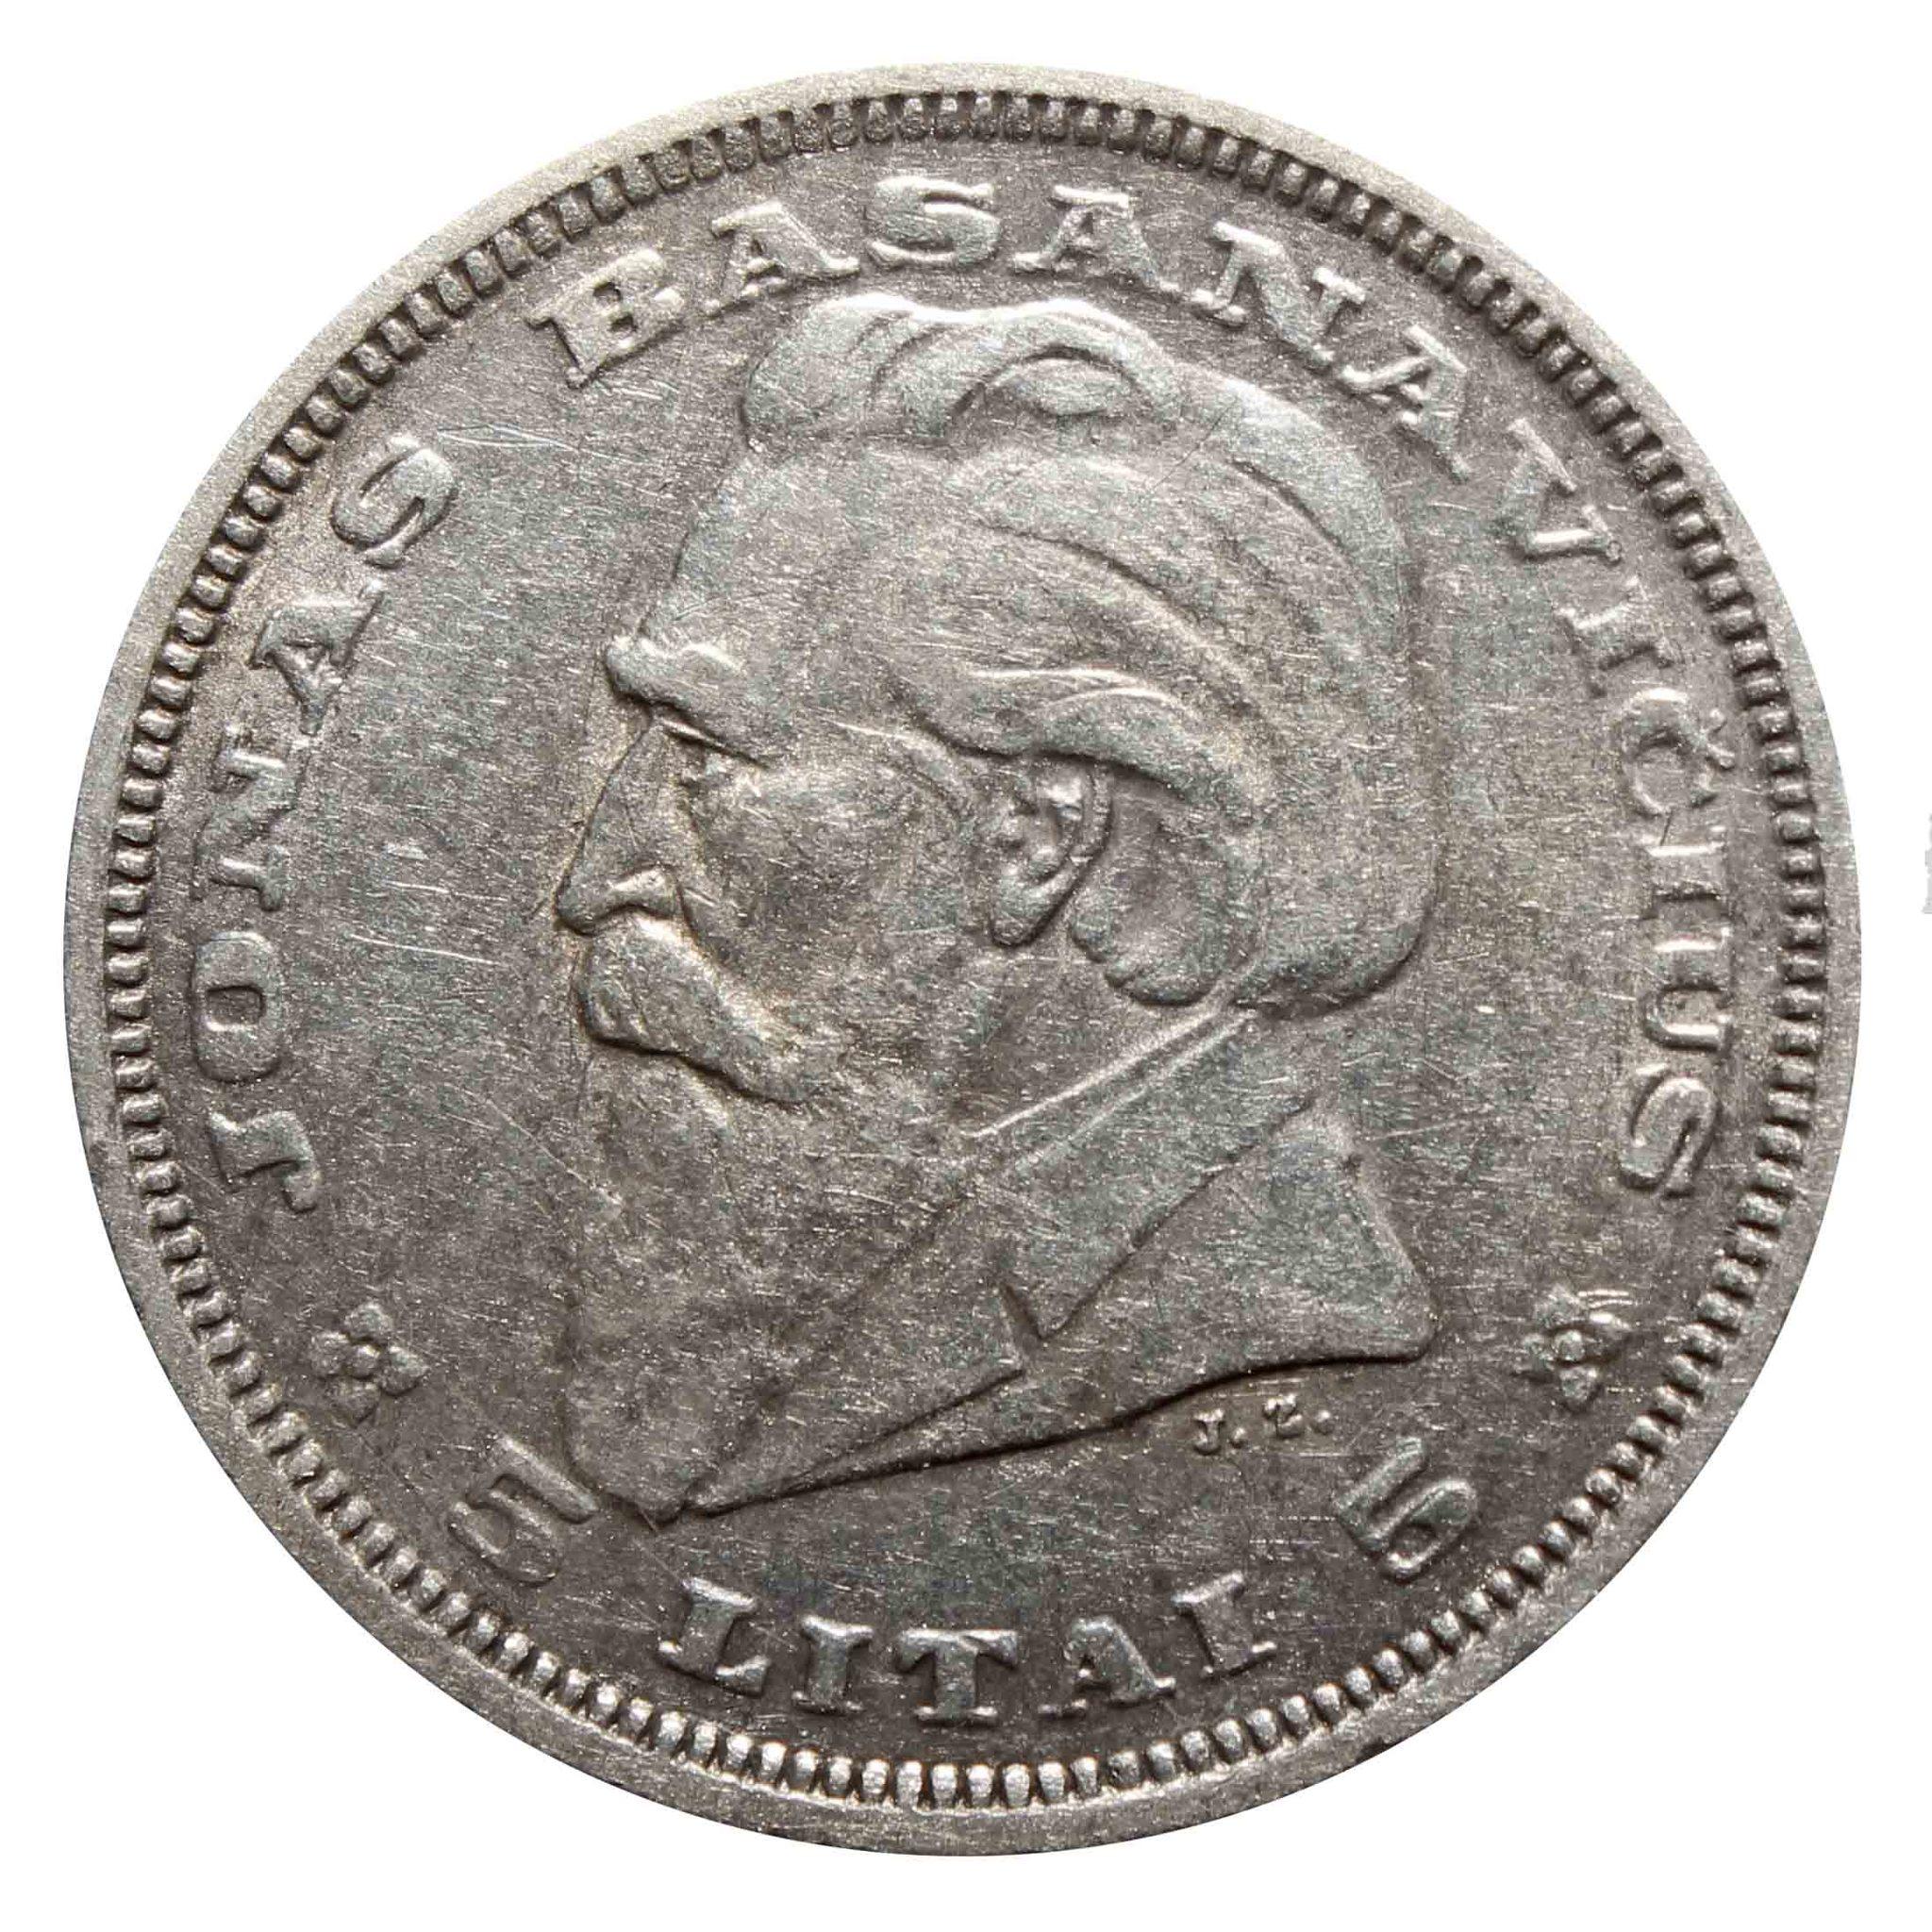 5 лит. Йонас Басанавичюс. Литва. 1936 год. Серебро. VF-